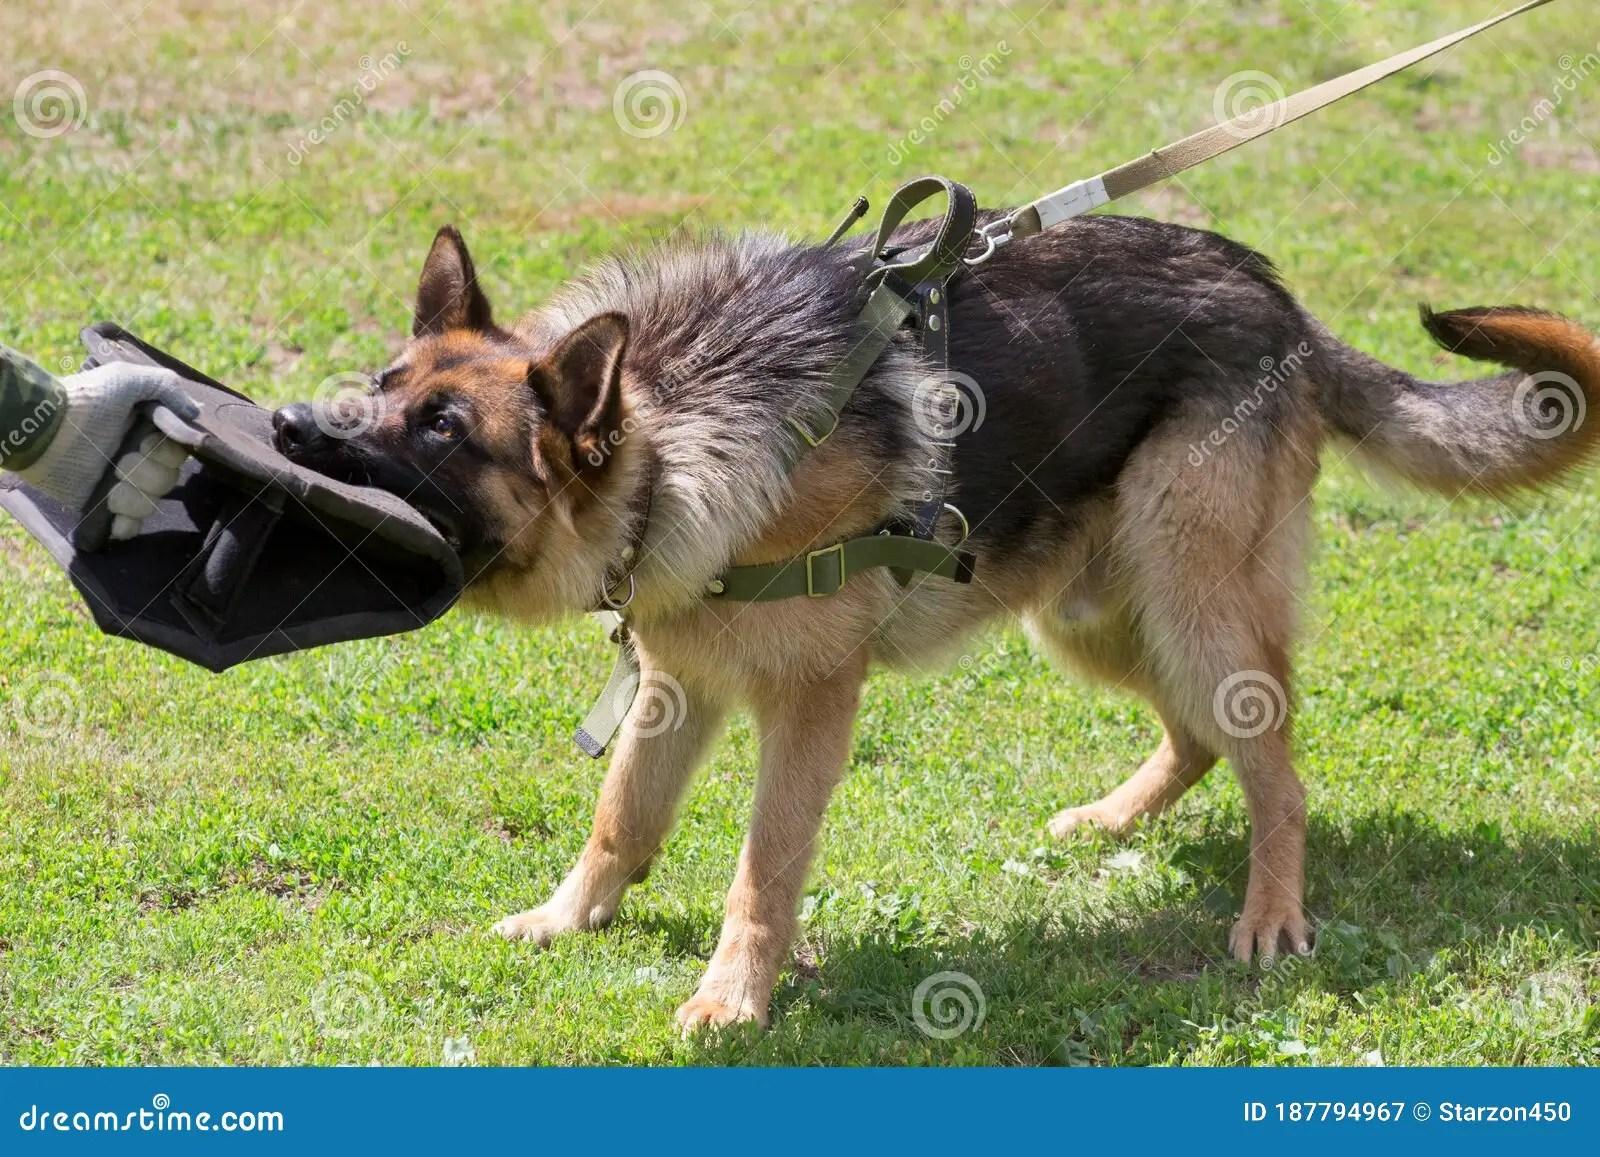 Training A German Shepherd Dog In Cynological Club